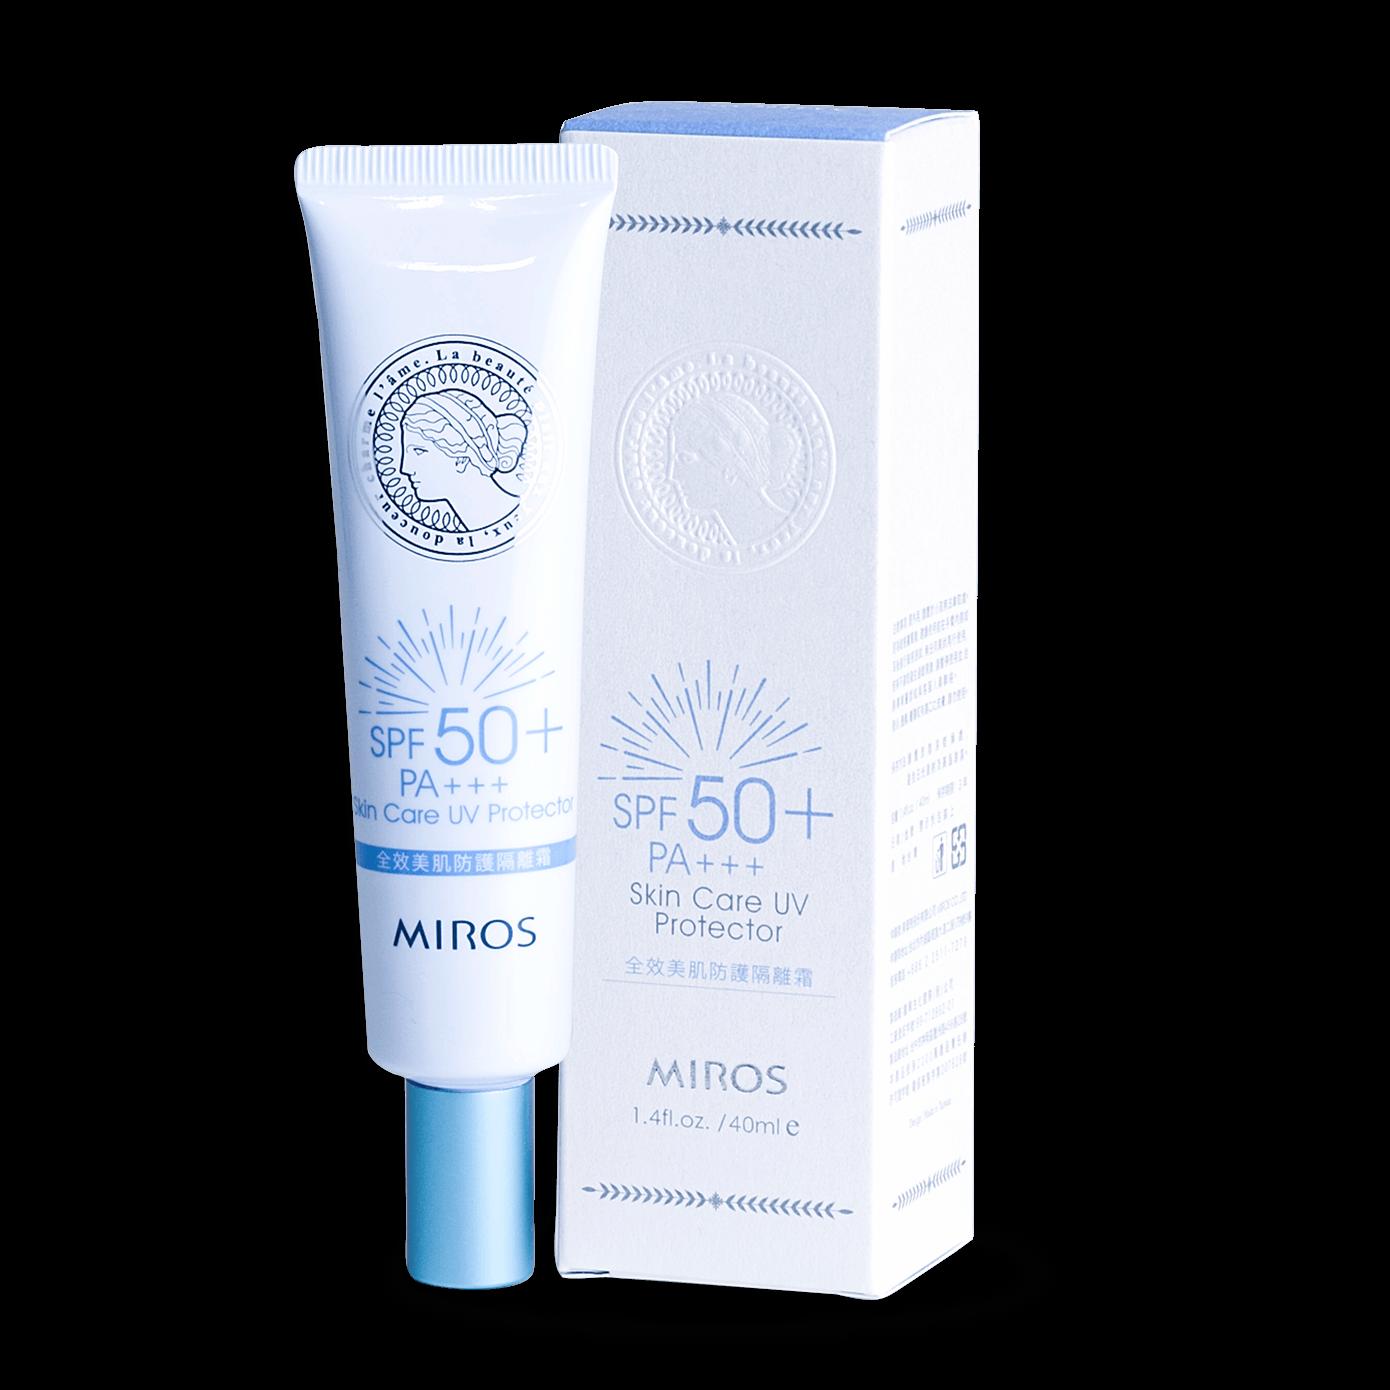 MIROS 全效美肌防護隔離霜